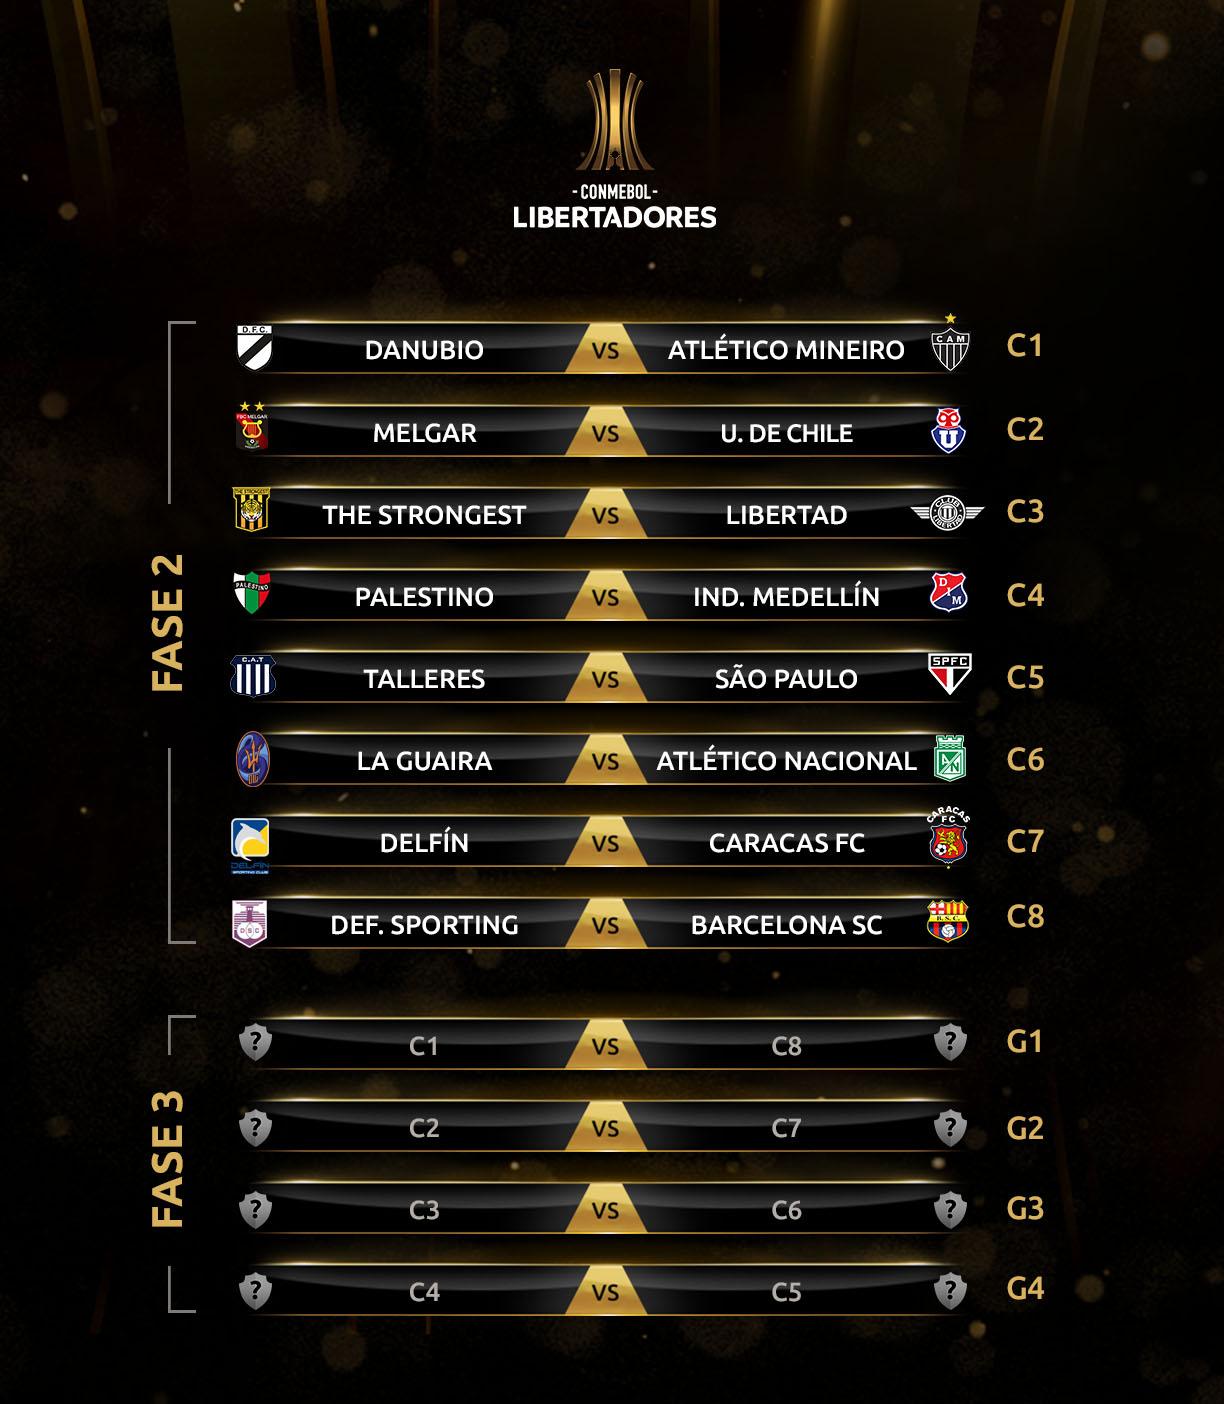 Libertadores - Fase 2 e Fase 3